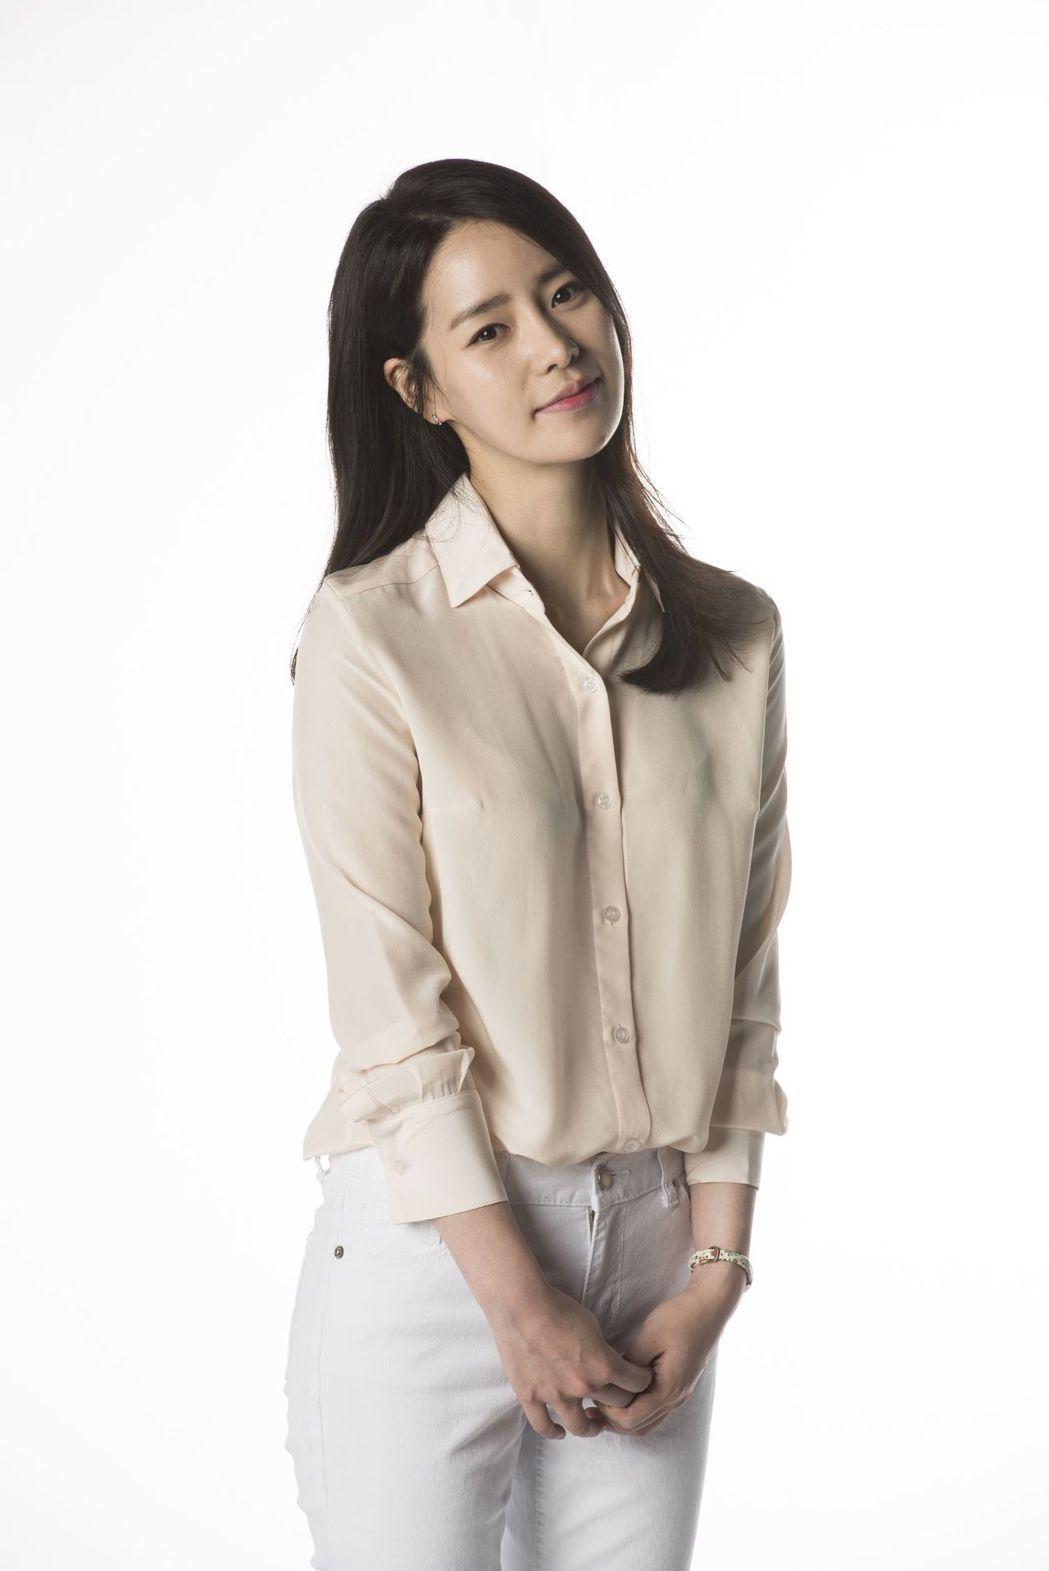 林智妍在「吹吧微風」戲中飾演脫北者。圖/中天提供